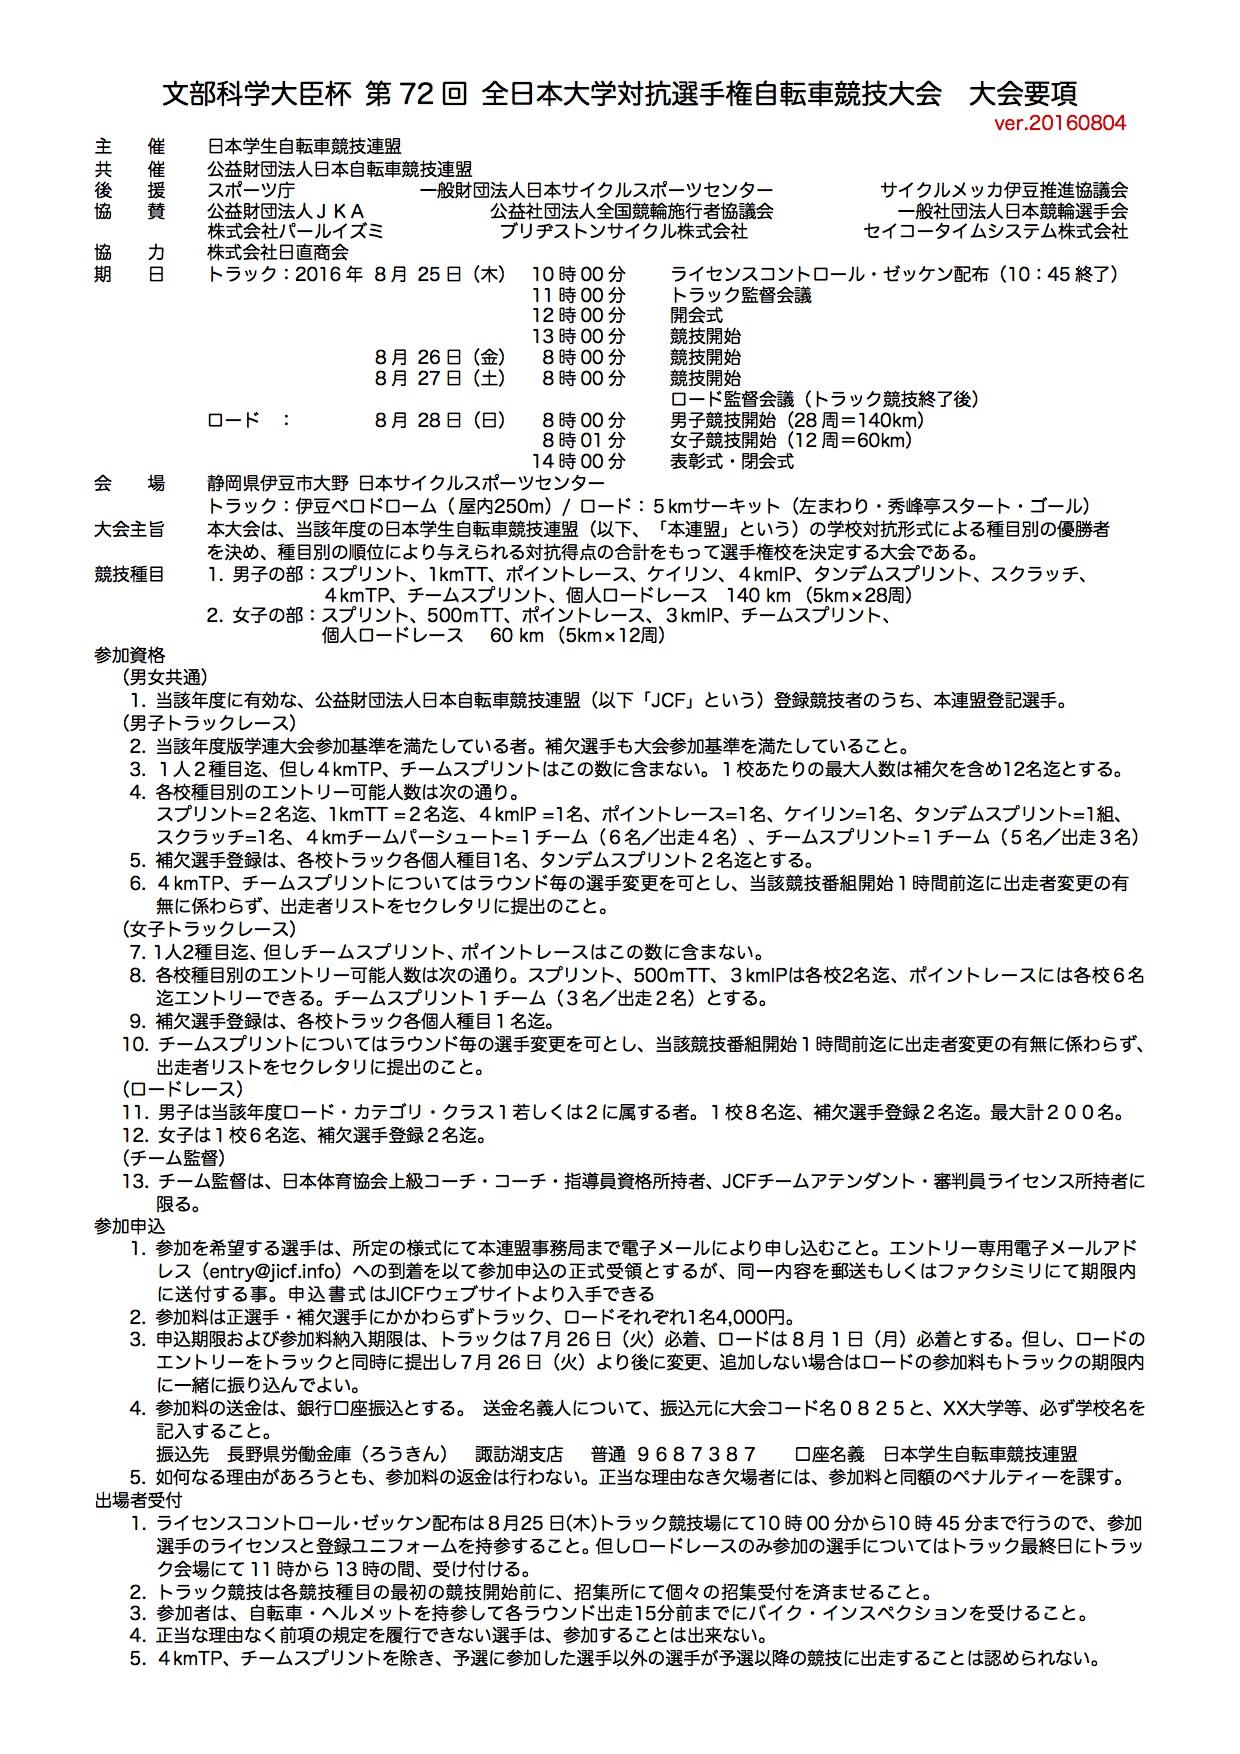 16ic_yoko_160804_01